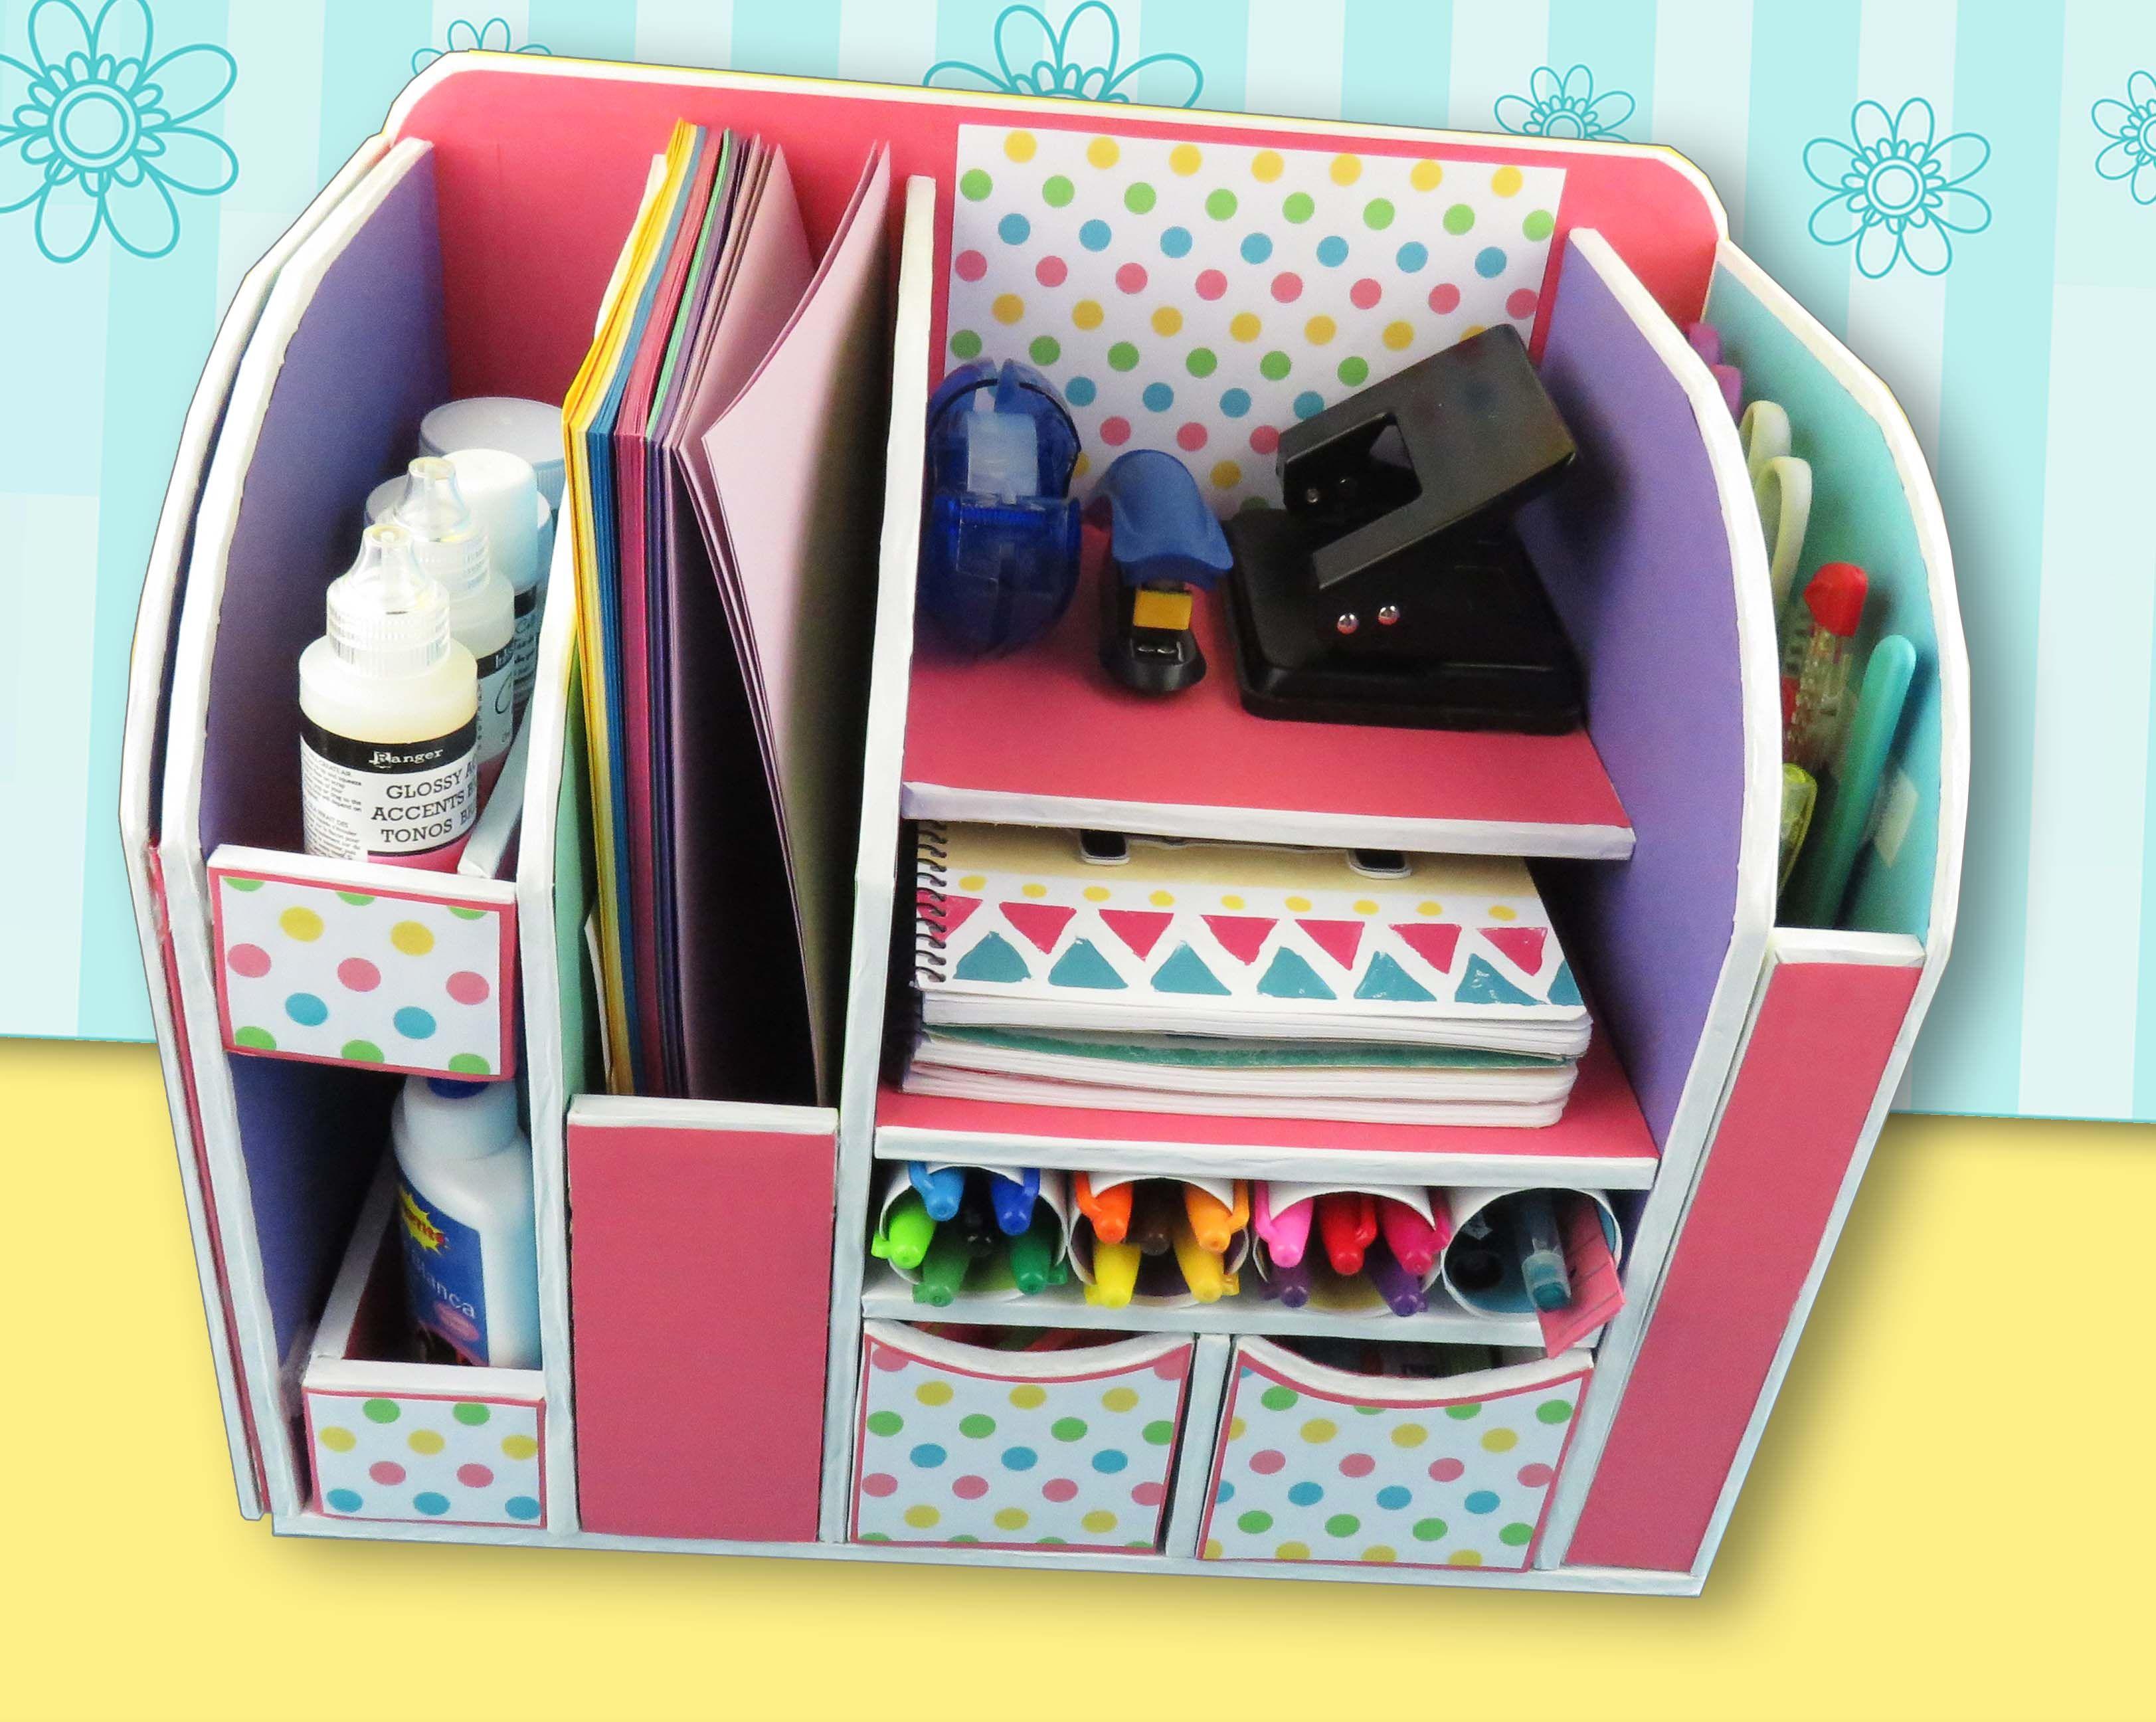 Organizador de escritorio en cart n manualidades apasos craf diy recycle pinterest - Organizadores escritorio ...